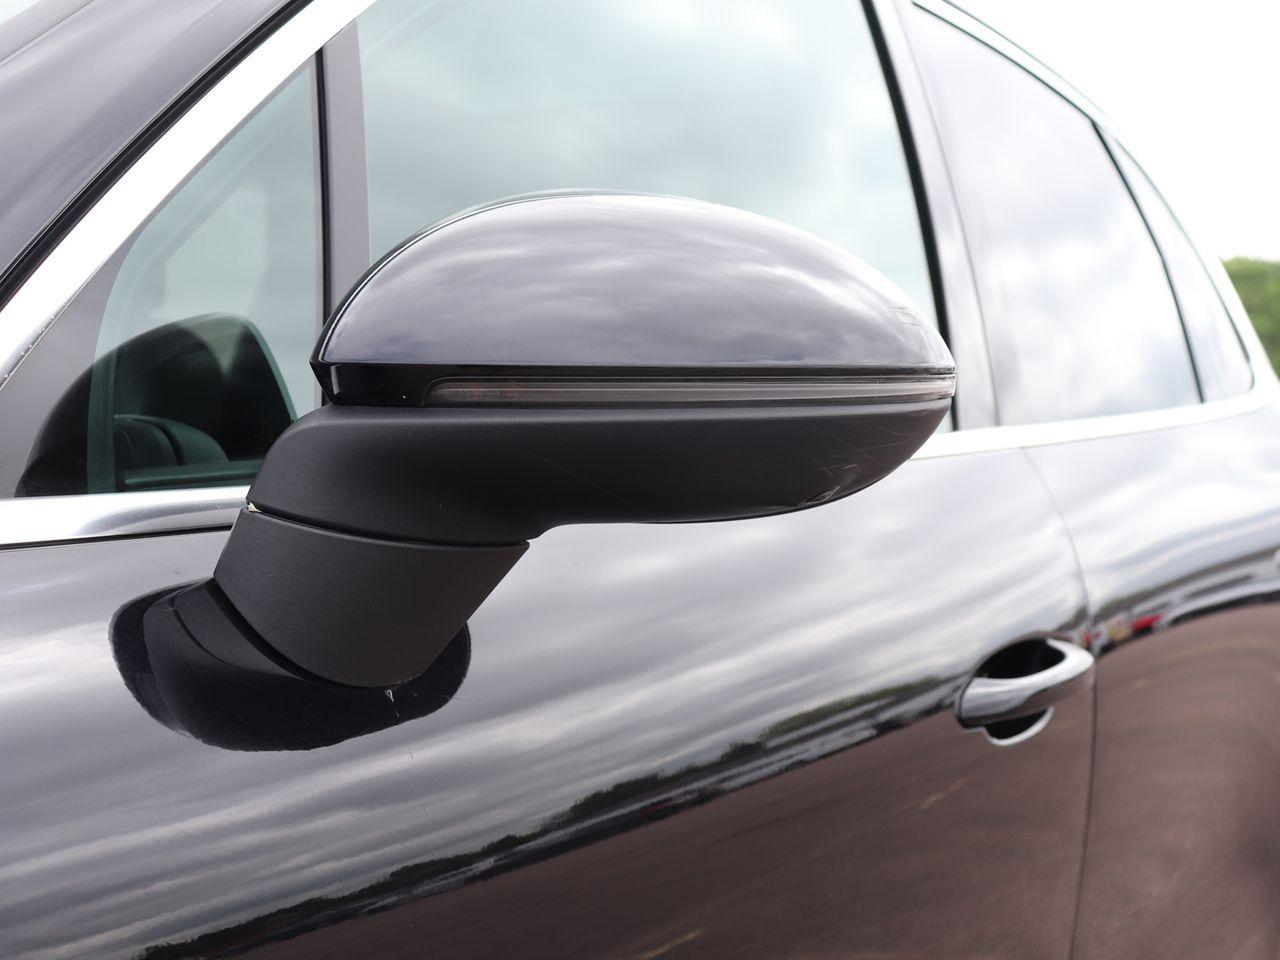 Cayenne V6 S TIPTRONIC (21) image 29